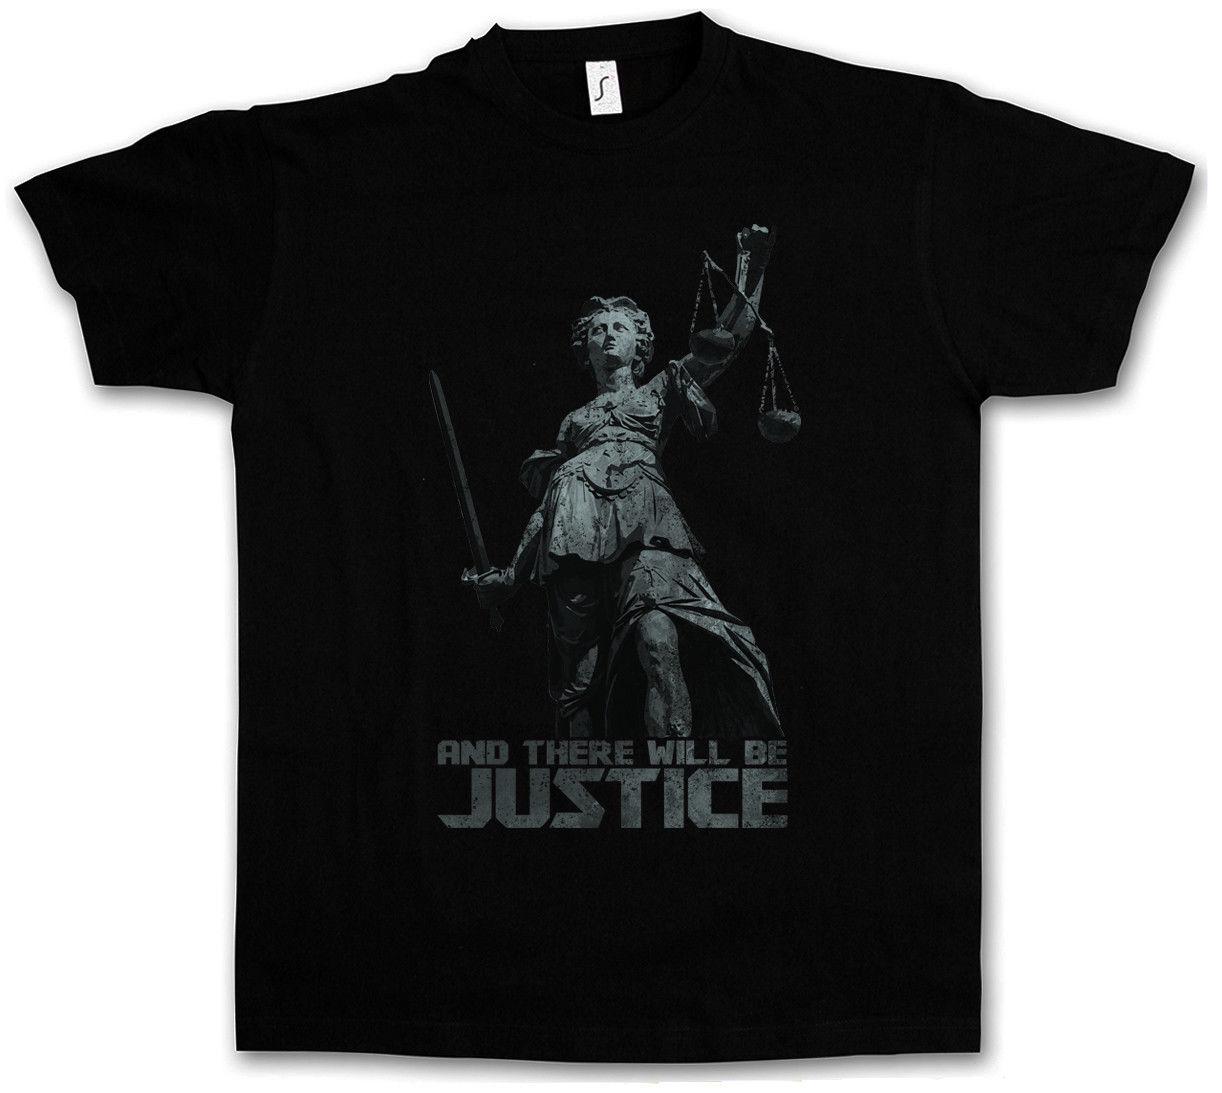 2019 JUSTITIA I T-SHIRT Justice Law Lawyer Judge Libra Goddess